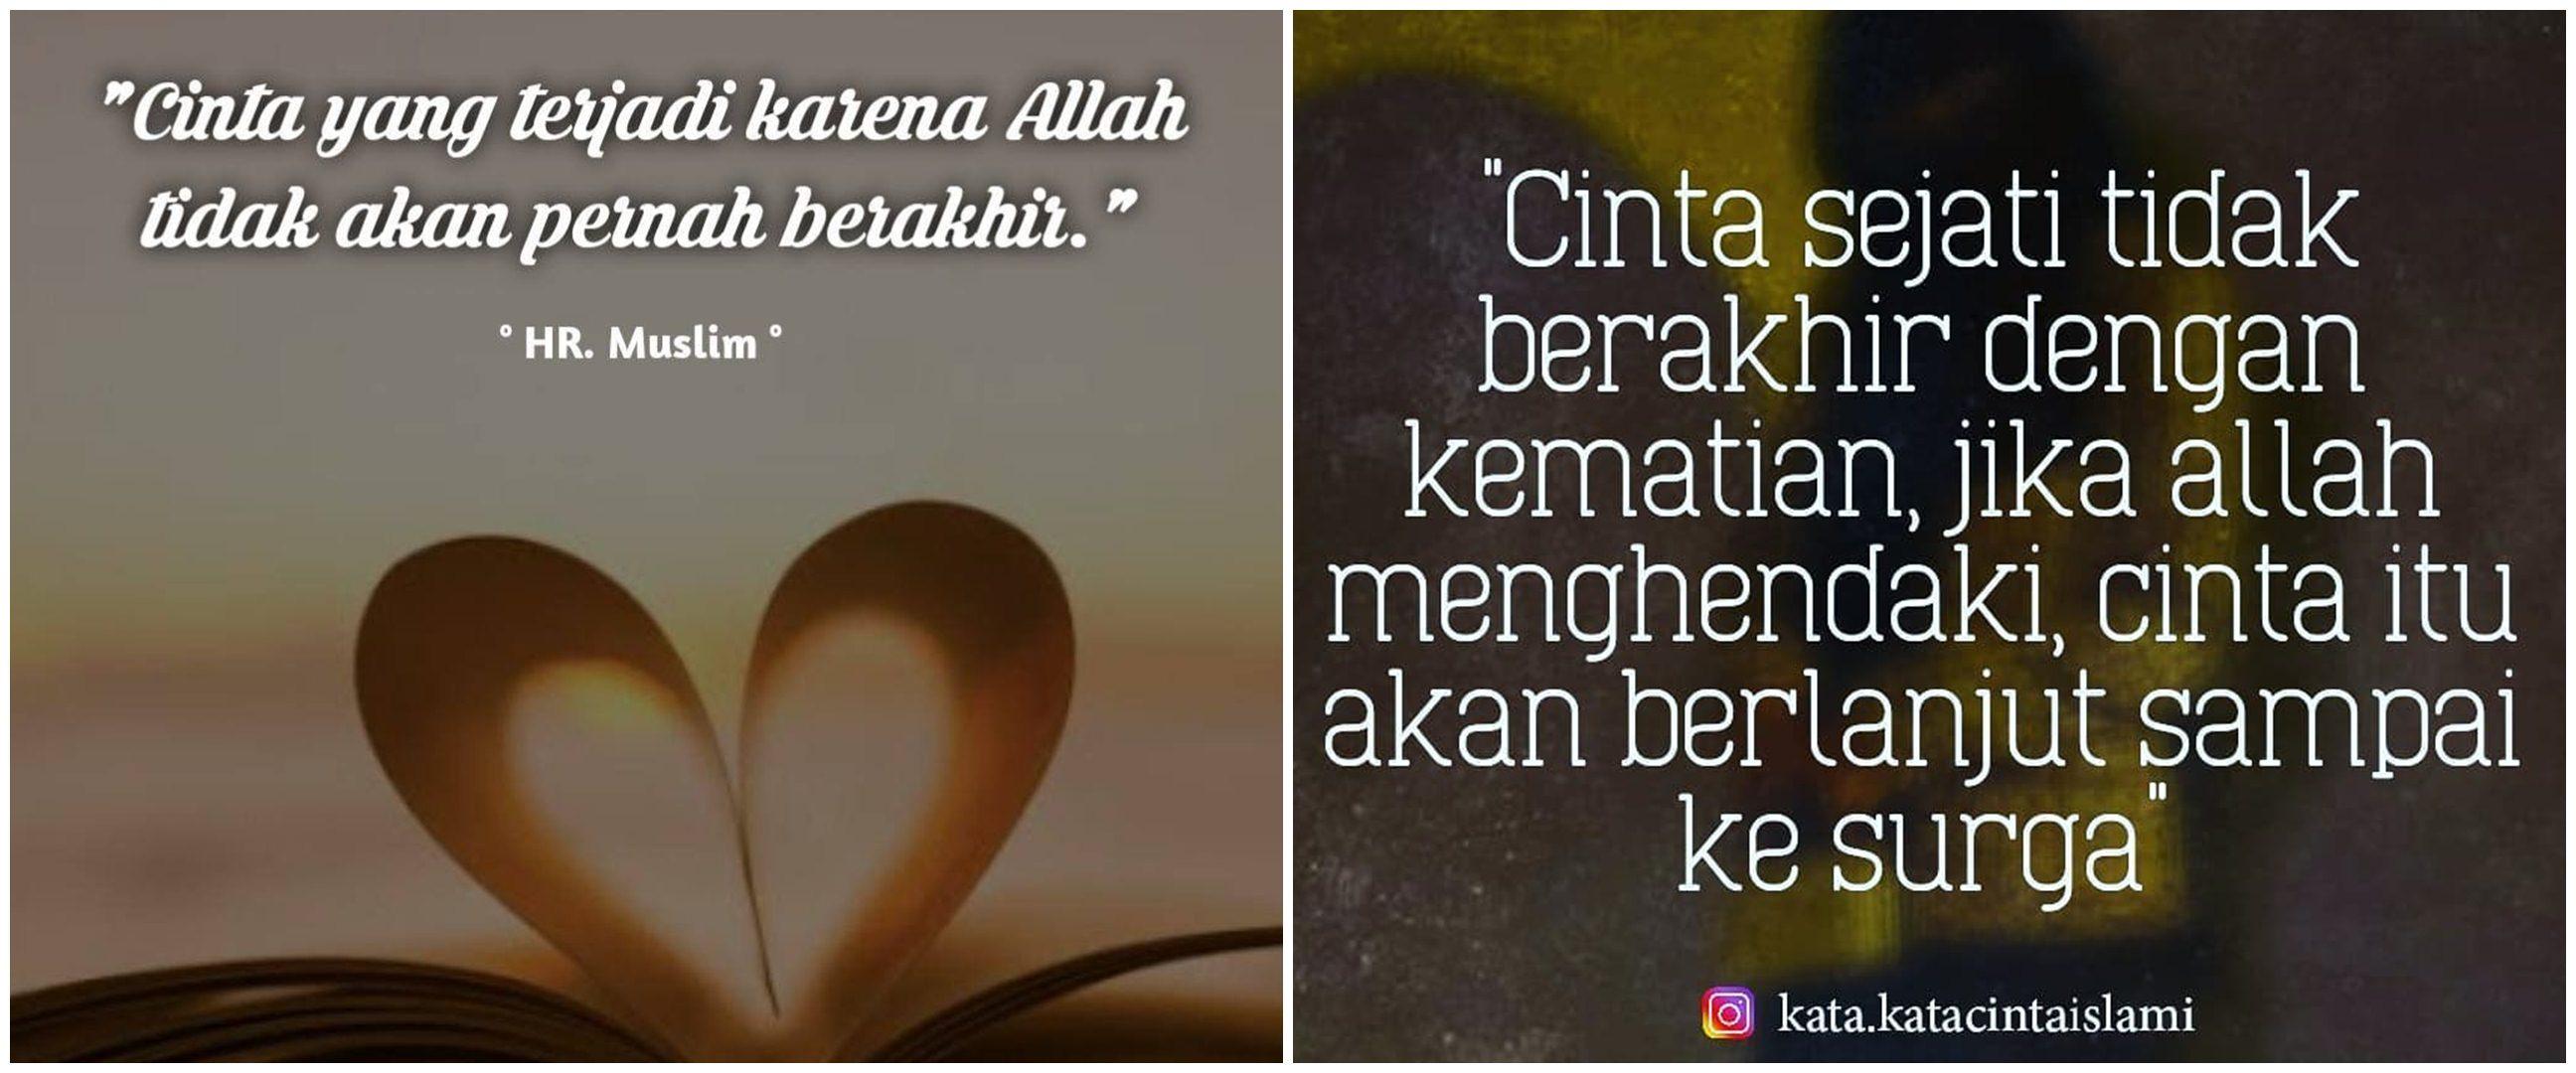 50 Kata-kata bijak cinta Islami, penuh makna dan menyejukkan hati